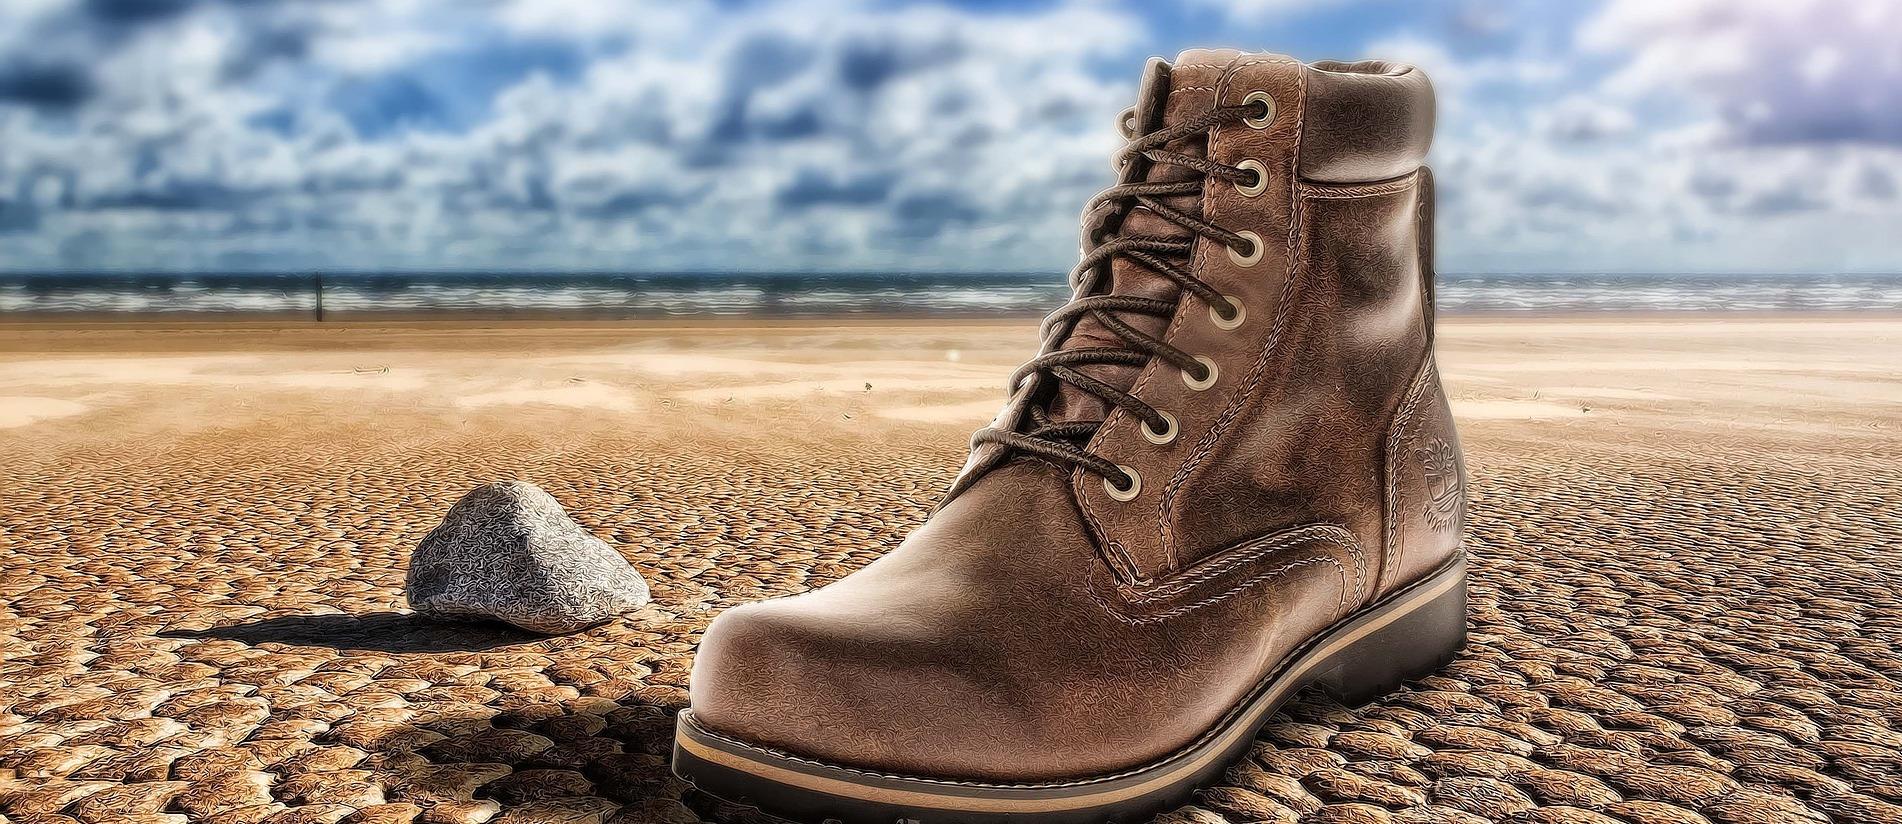 Schuhe 3D WebGL